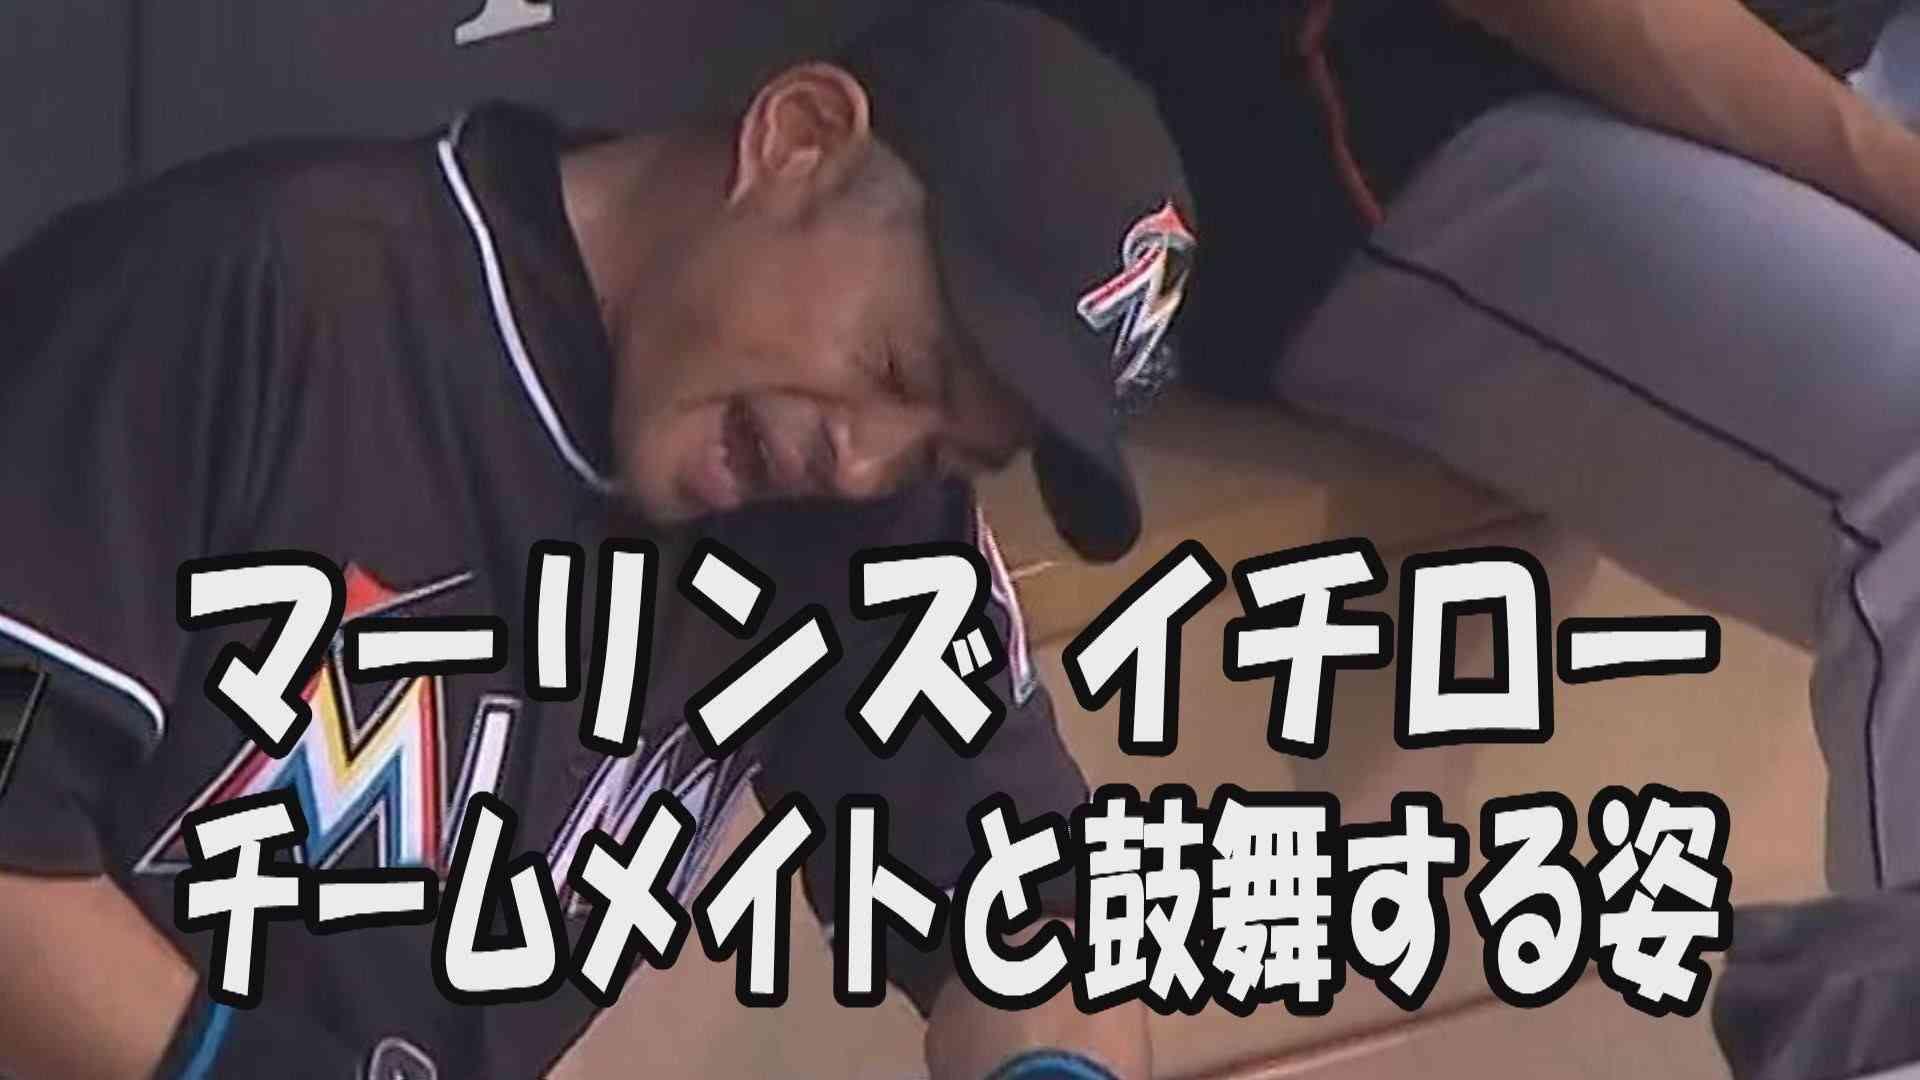 【マーリンズ イチロー】試合前にチームメイトと鼓舞する姿 2016.6.10 Miami Marlins Ichiro Suzuki - YouTube